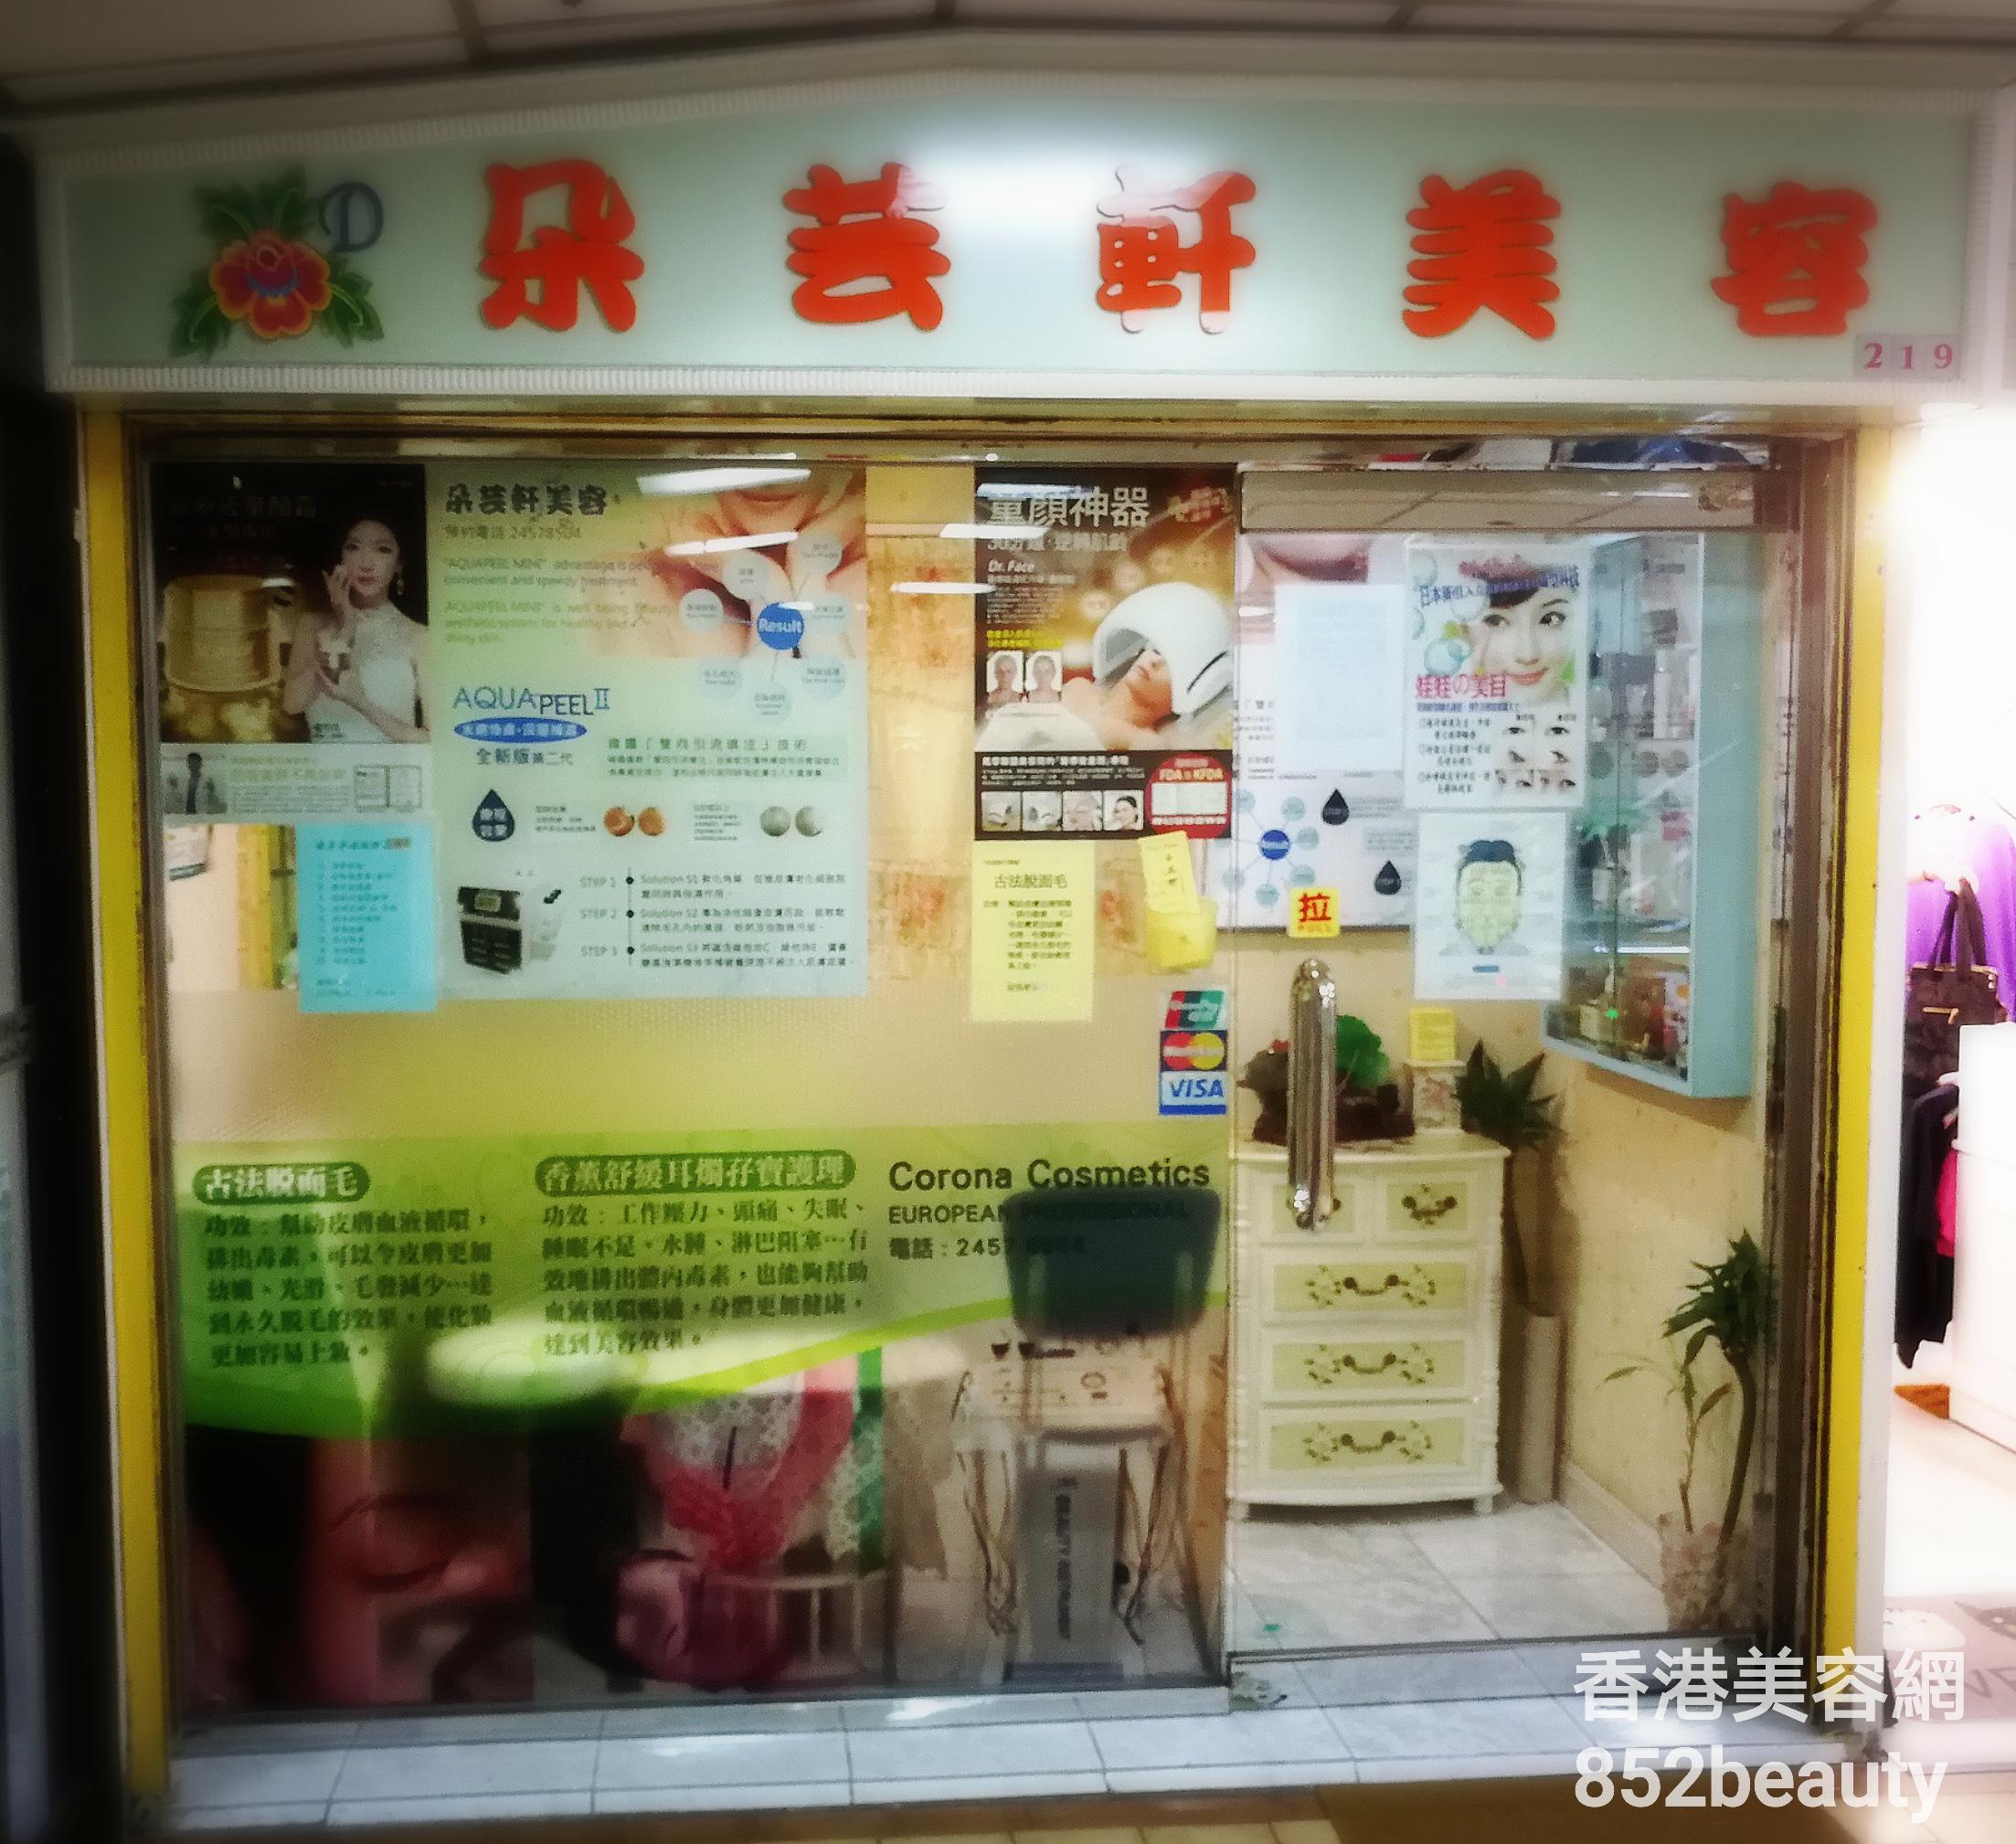 香港美容院 美容師 : 朵芸軒美容 @青年創業軍